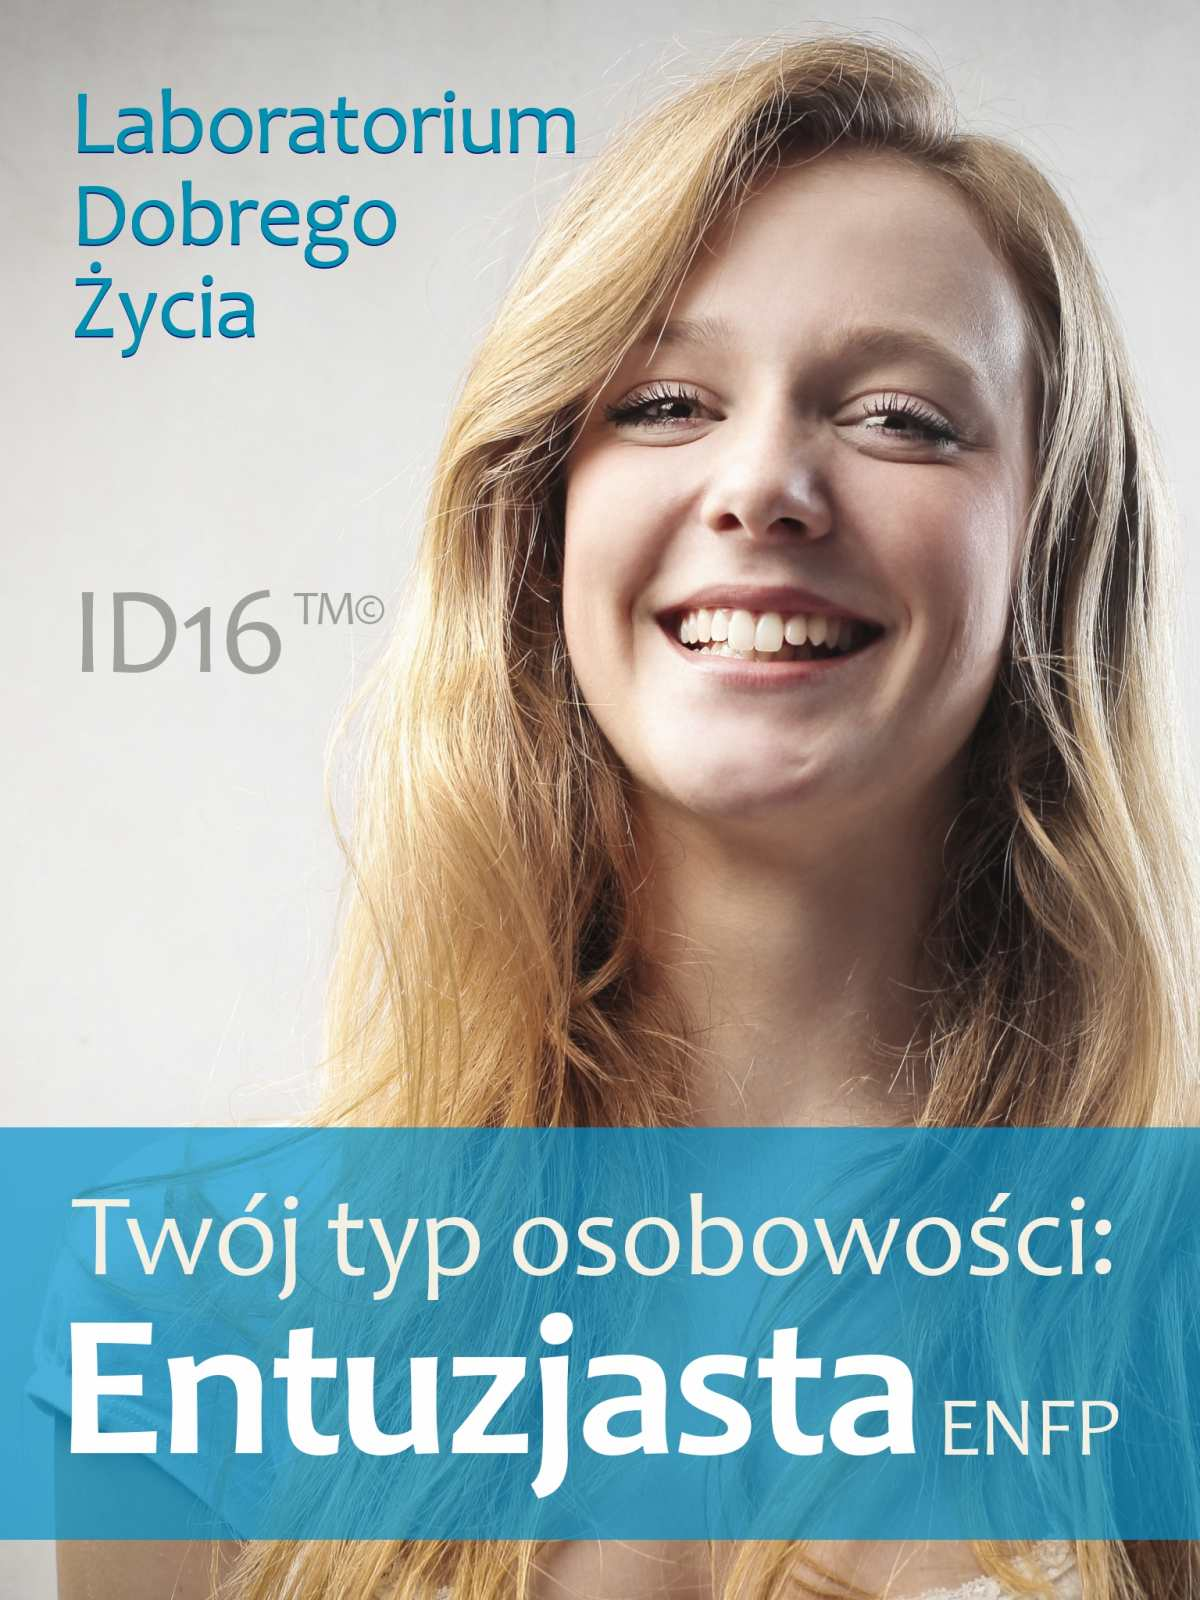 Twój typ osobowości: Entuzjasta (ENFP) - Ebook (Książka PDF) do pobrania w formacie PDF